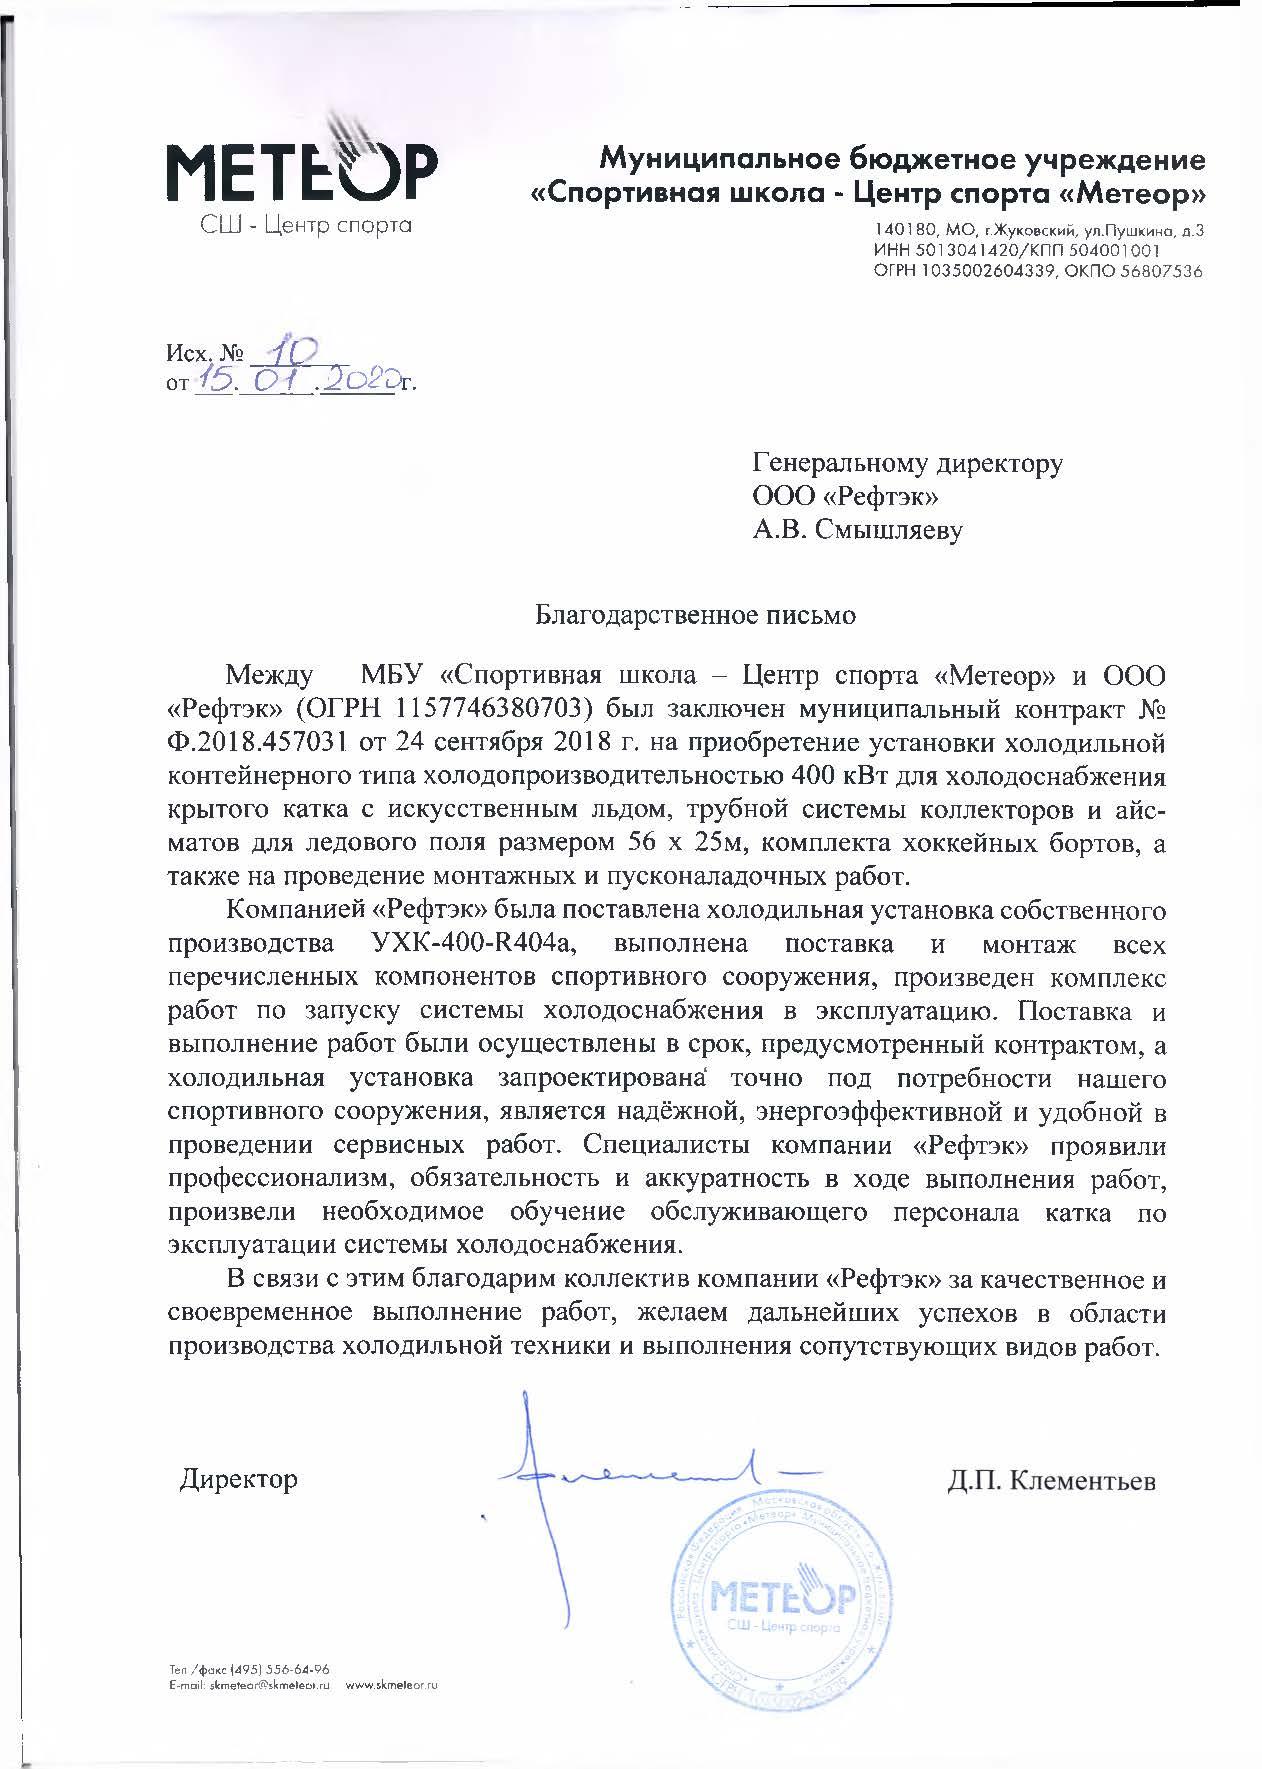 Отзыв от СШ- Центр спорта МЕТЕОР